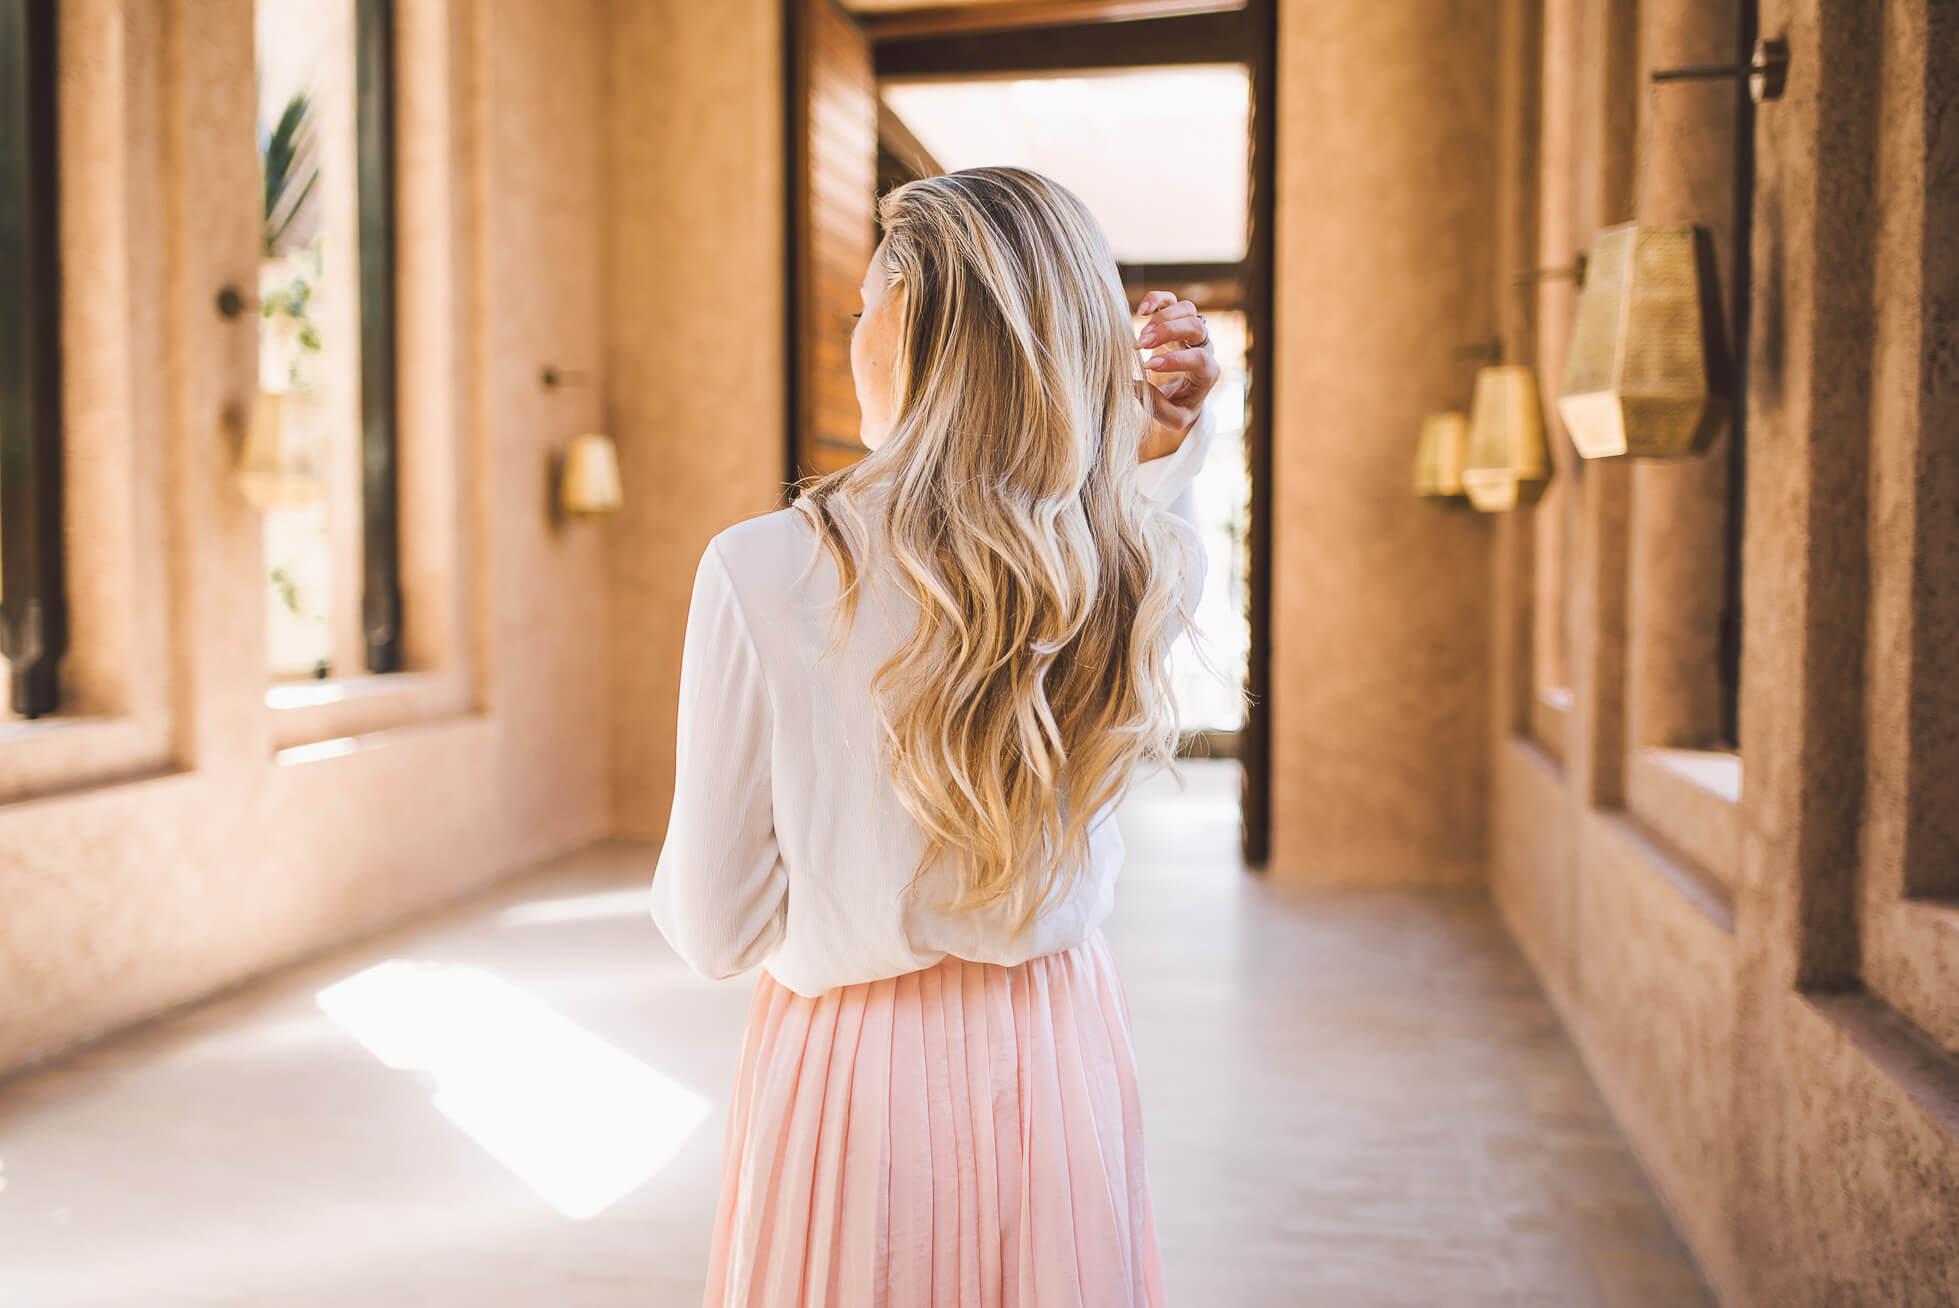 janni-deler-pink-skirtDSC_1452